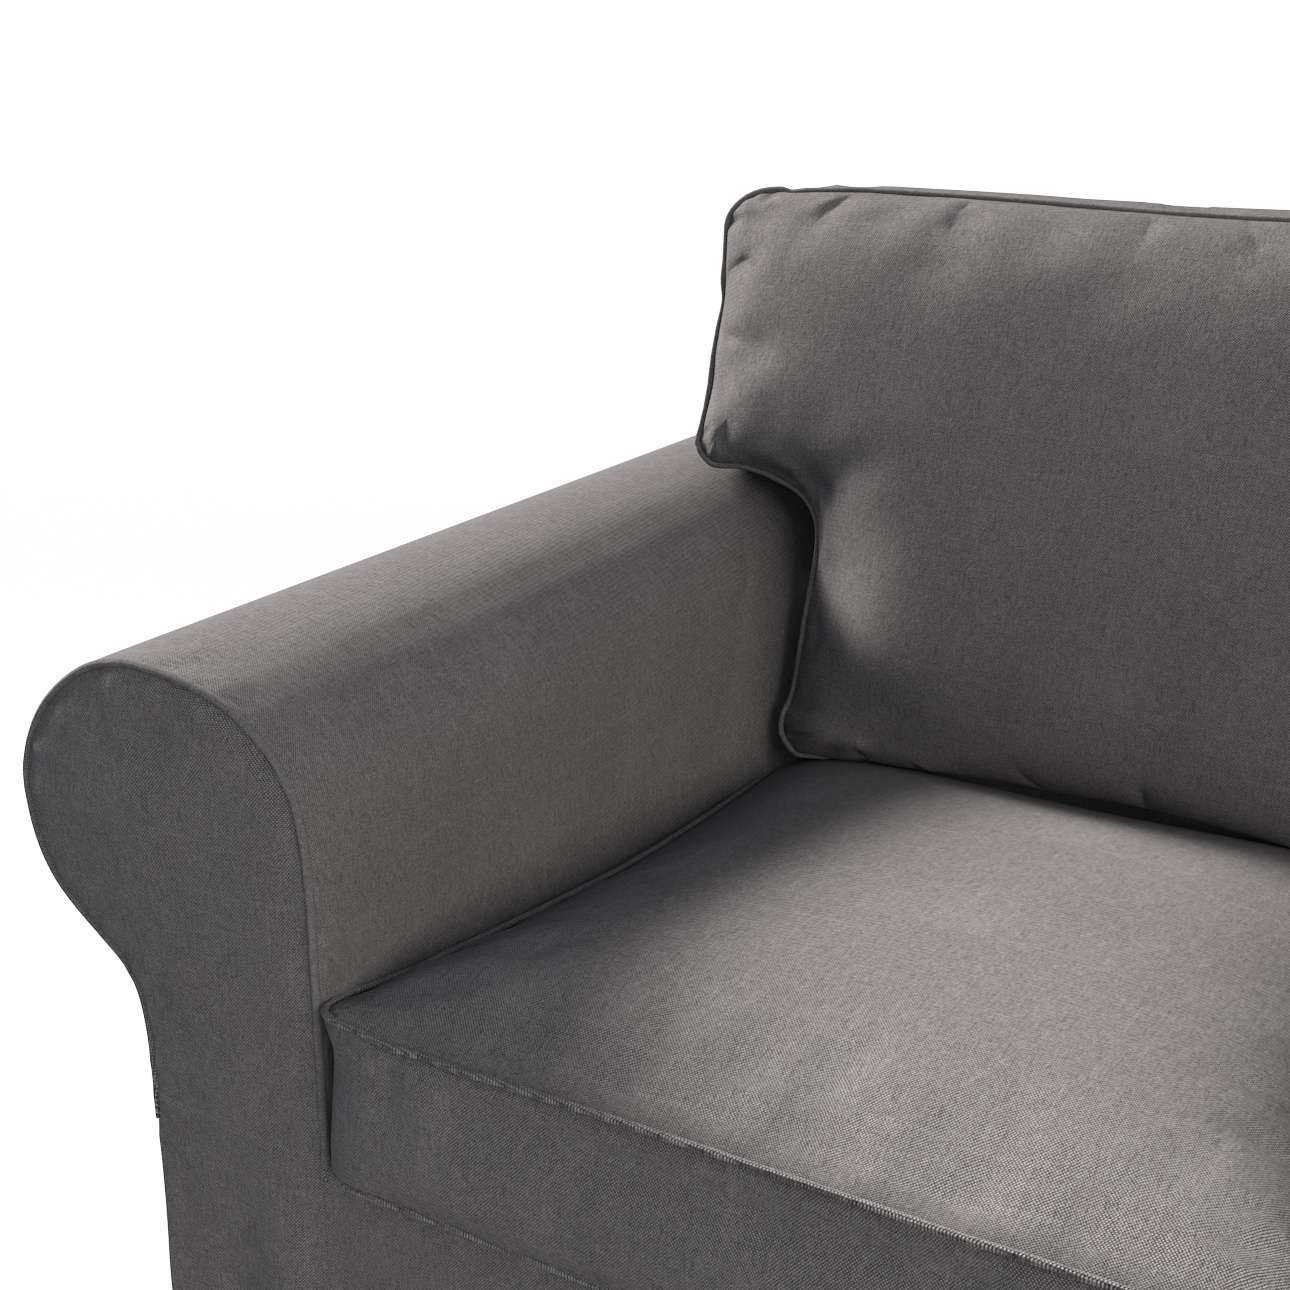 Bezug für Ektorp 3-Sitzer Schlafsofa, neues Modell (2013) von der Kollektion Etna, Stoff: 705-35